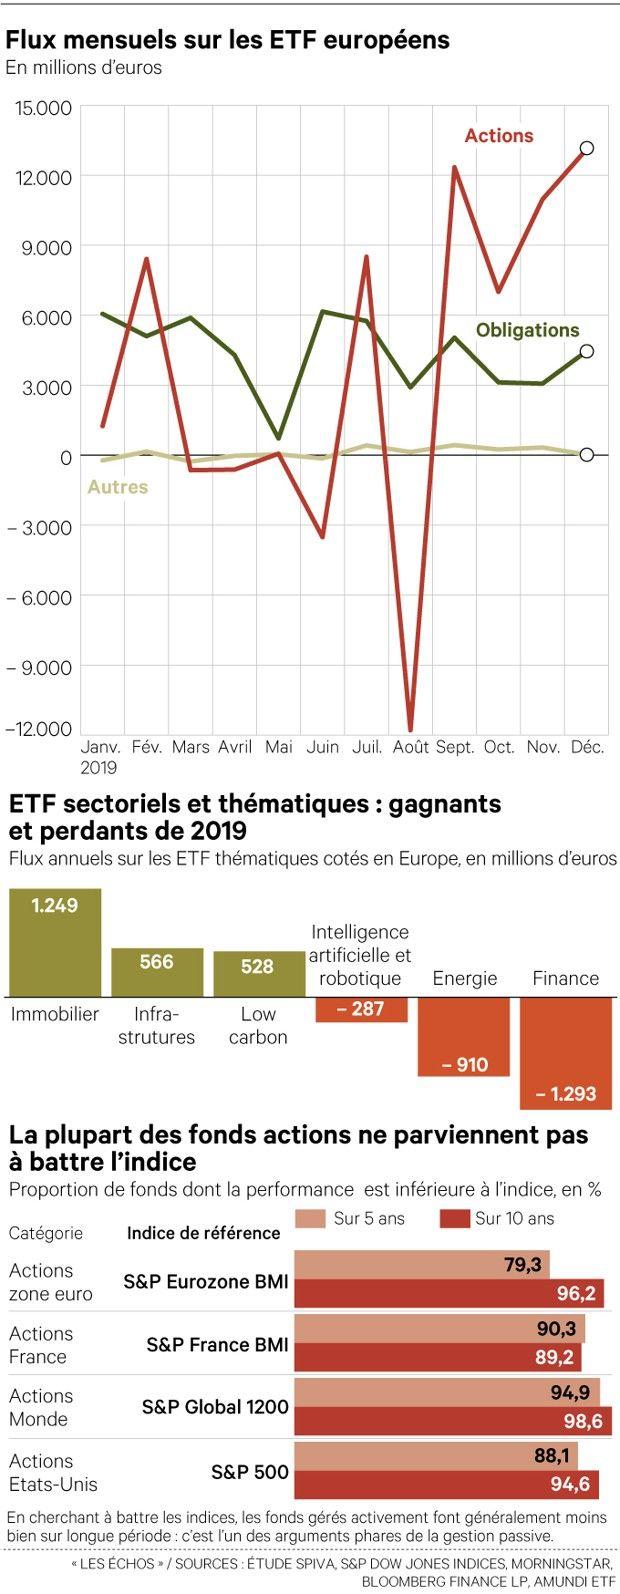 Bourse : comprendre les ETF en 7 questions clefs